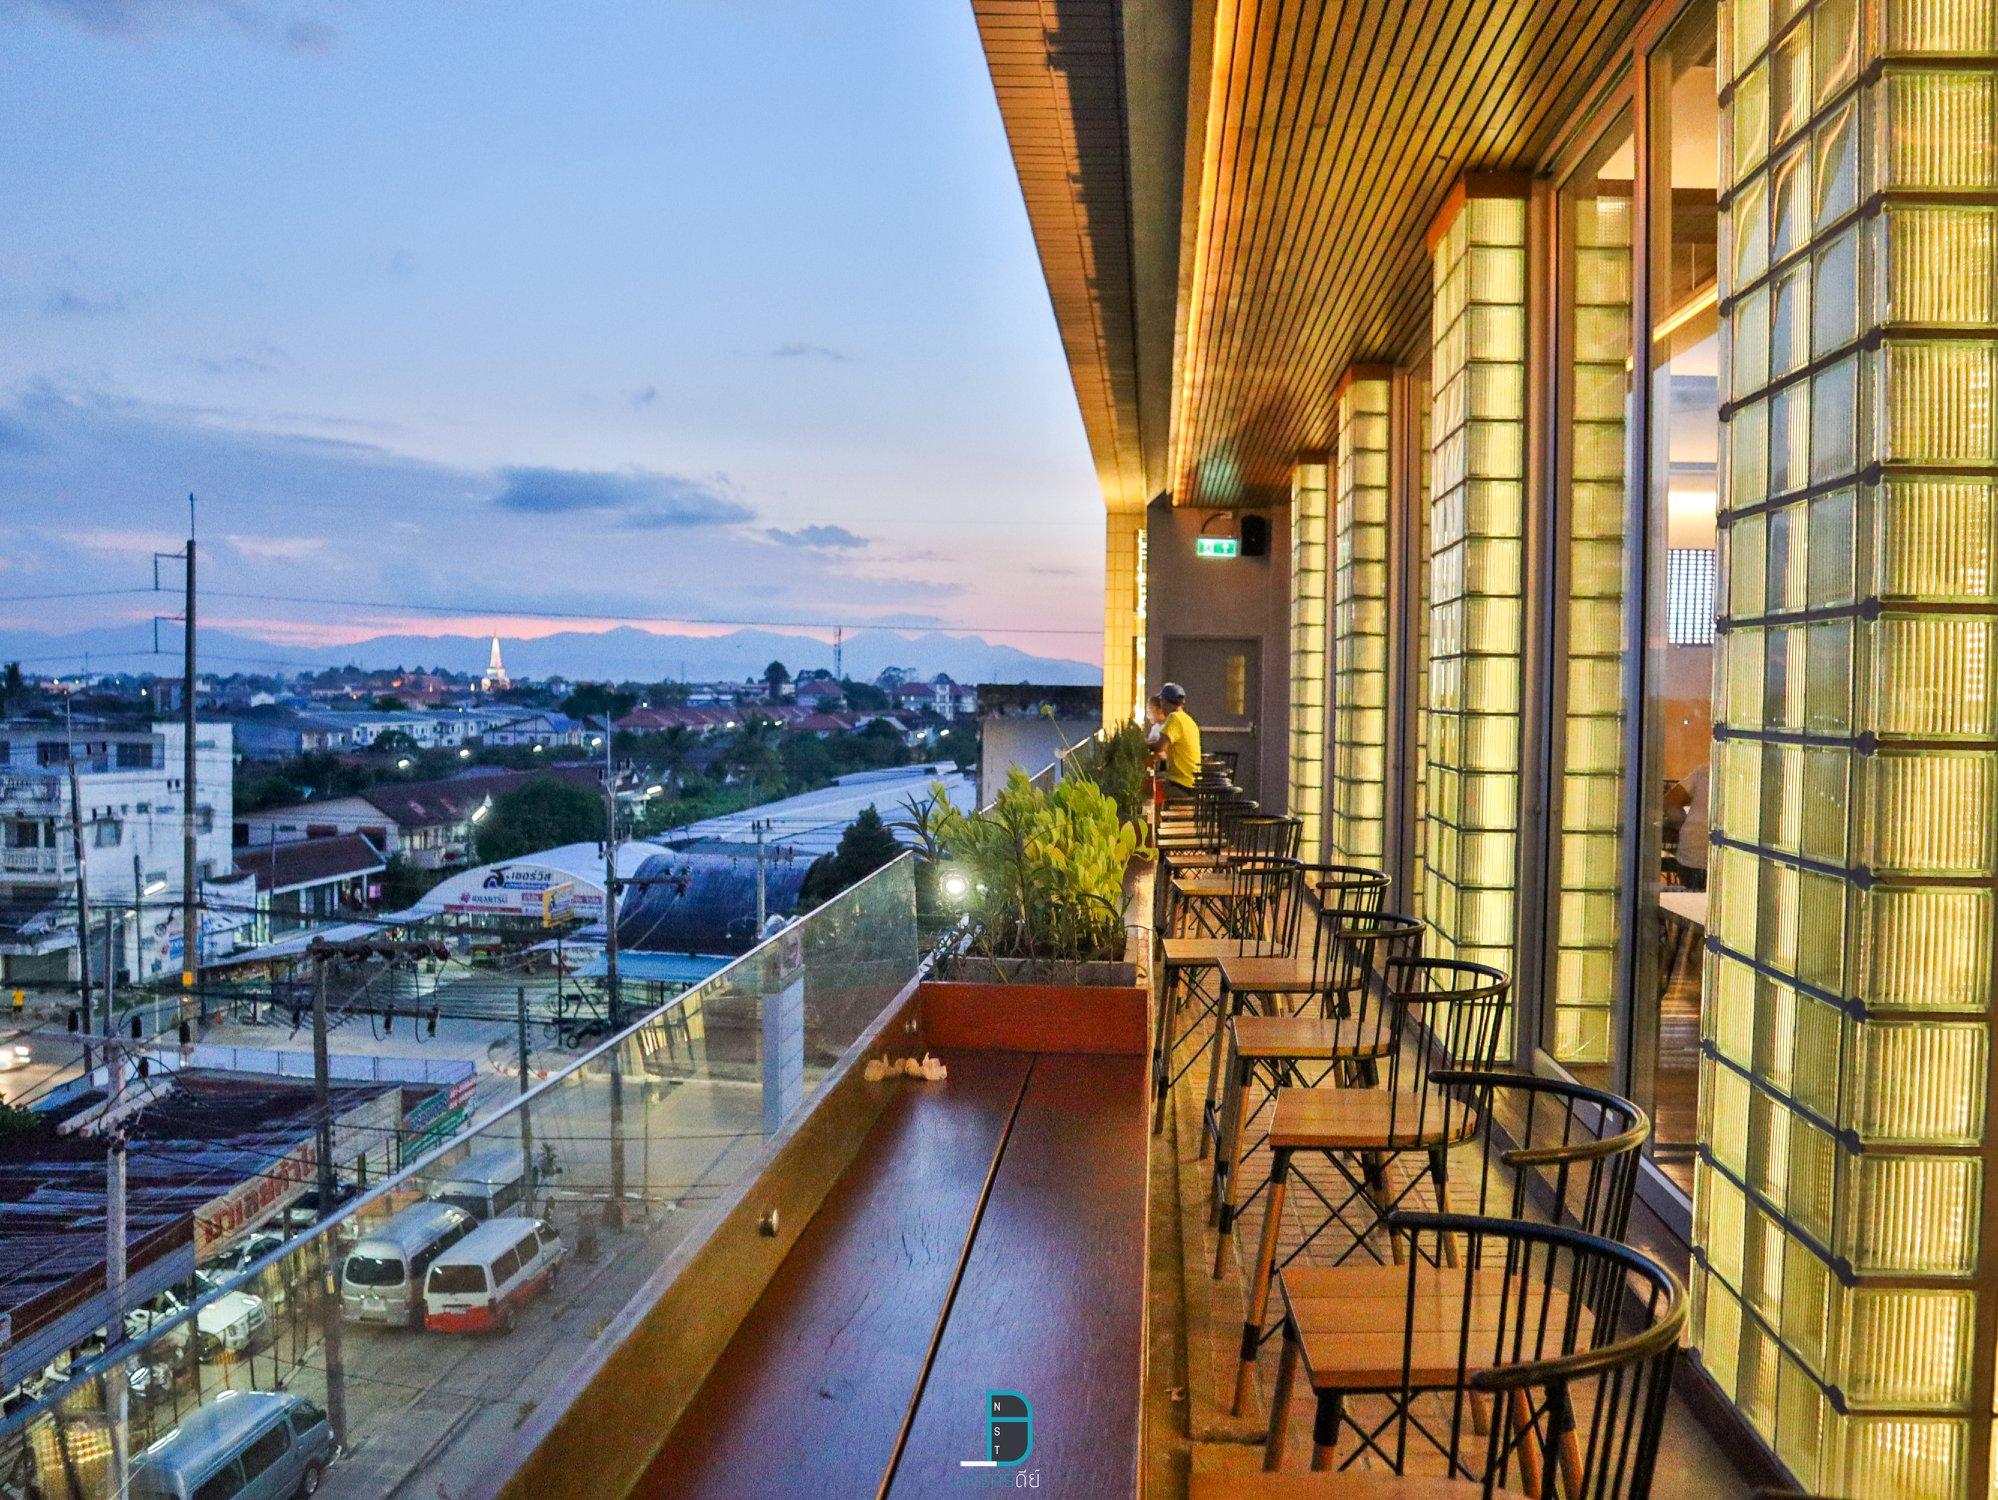 Rooftop นครศรีธรรมราช แลคอน รูฟท็อป ร้านอาหารนั่งชิว ชมวิวสวยๆเมืองคอน นครศรีดีย์